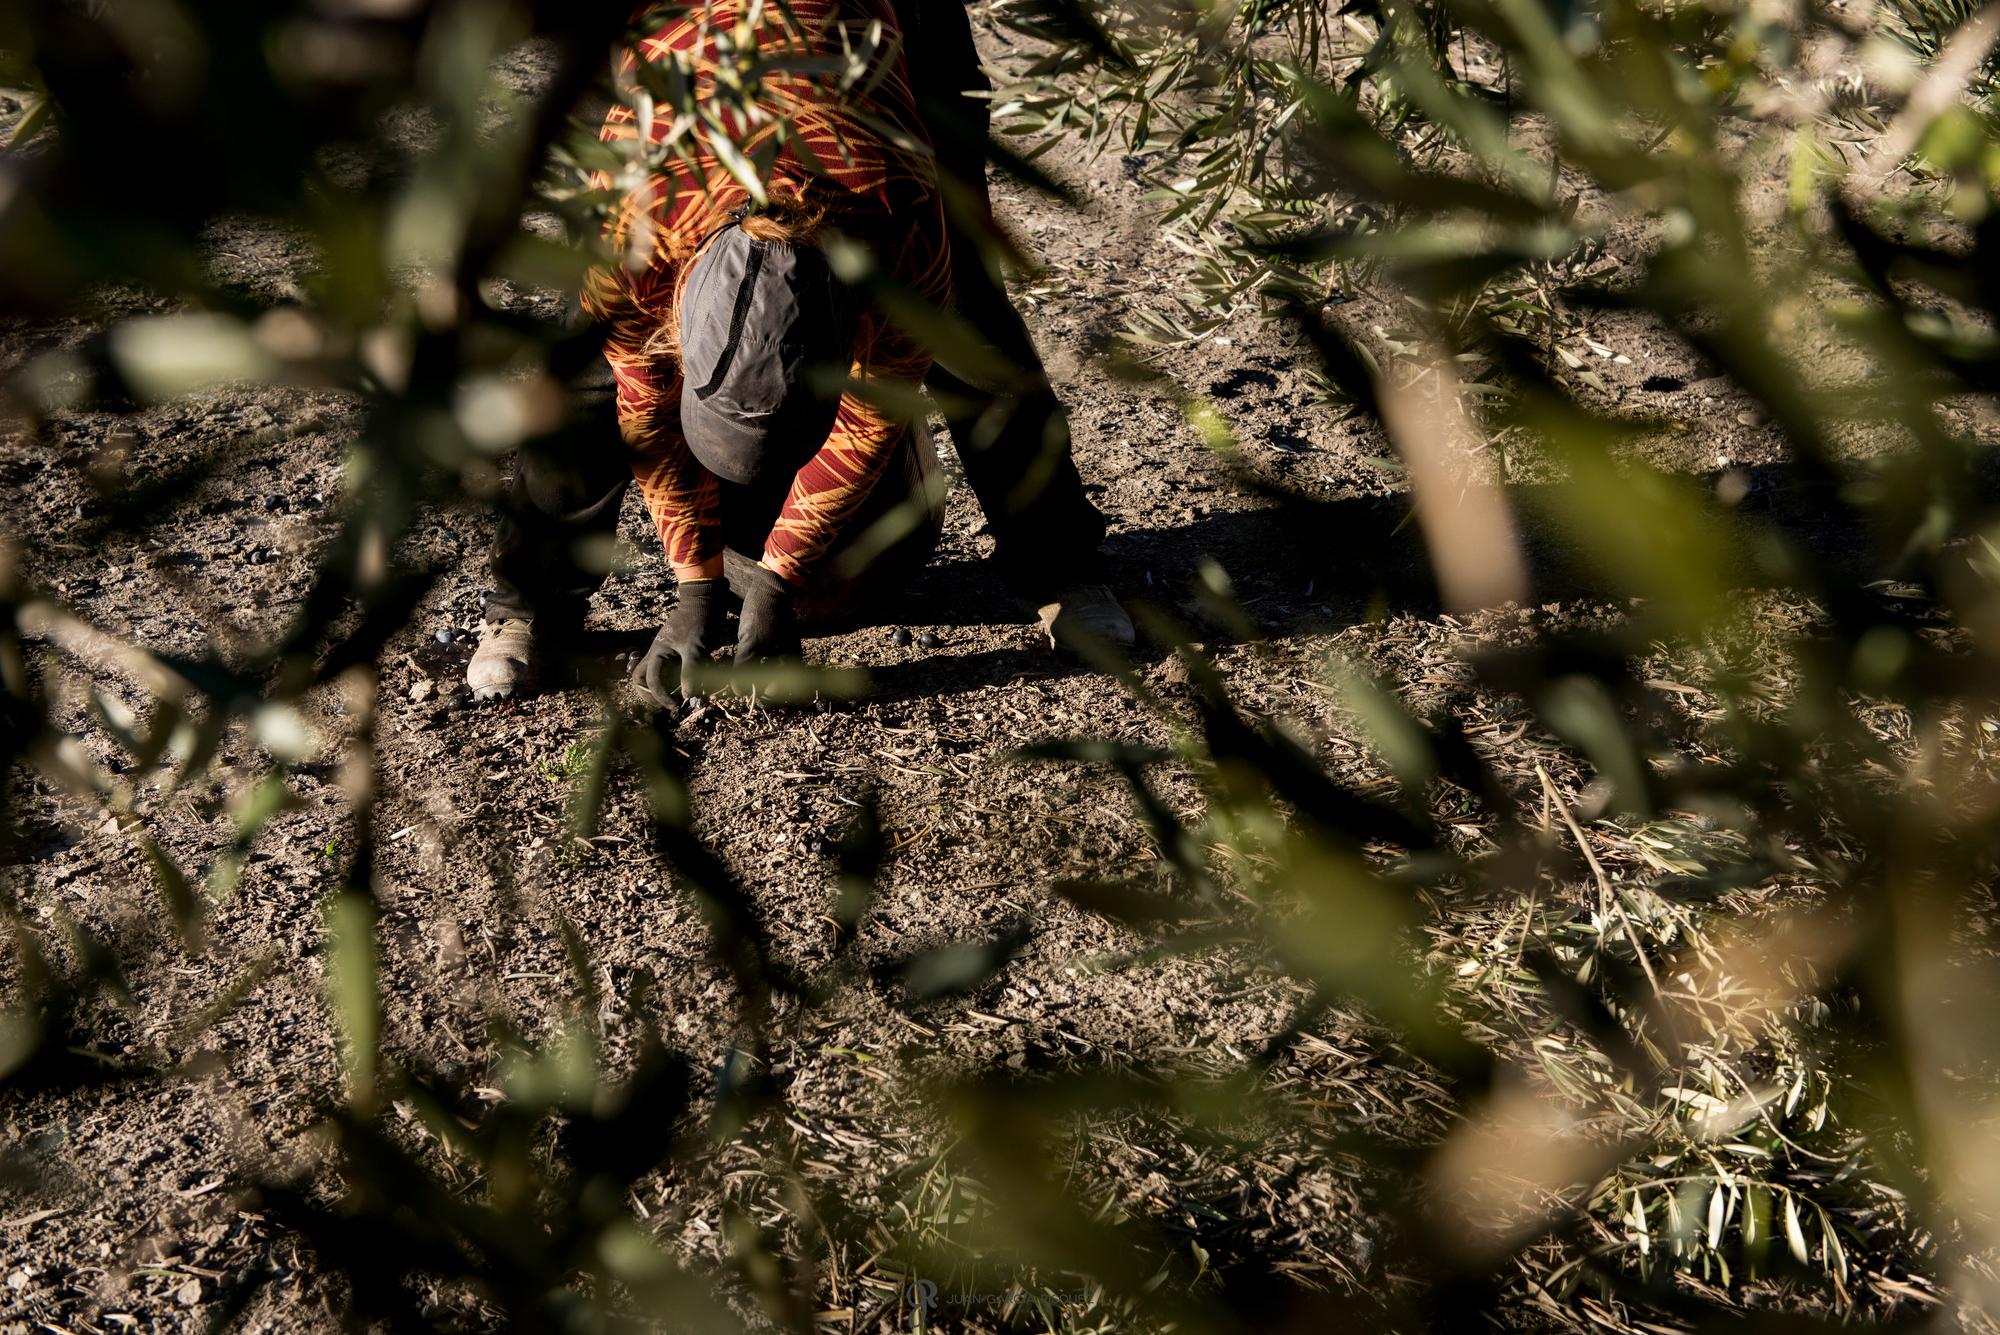 reportaje de fotos de cultivo de aceite de oliva ecologico en Jaen